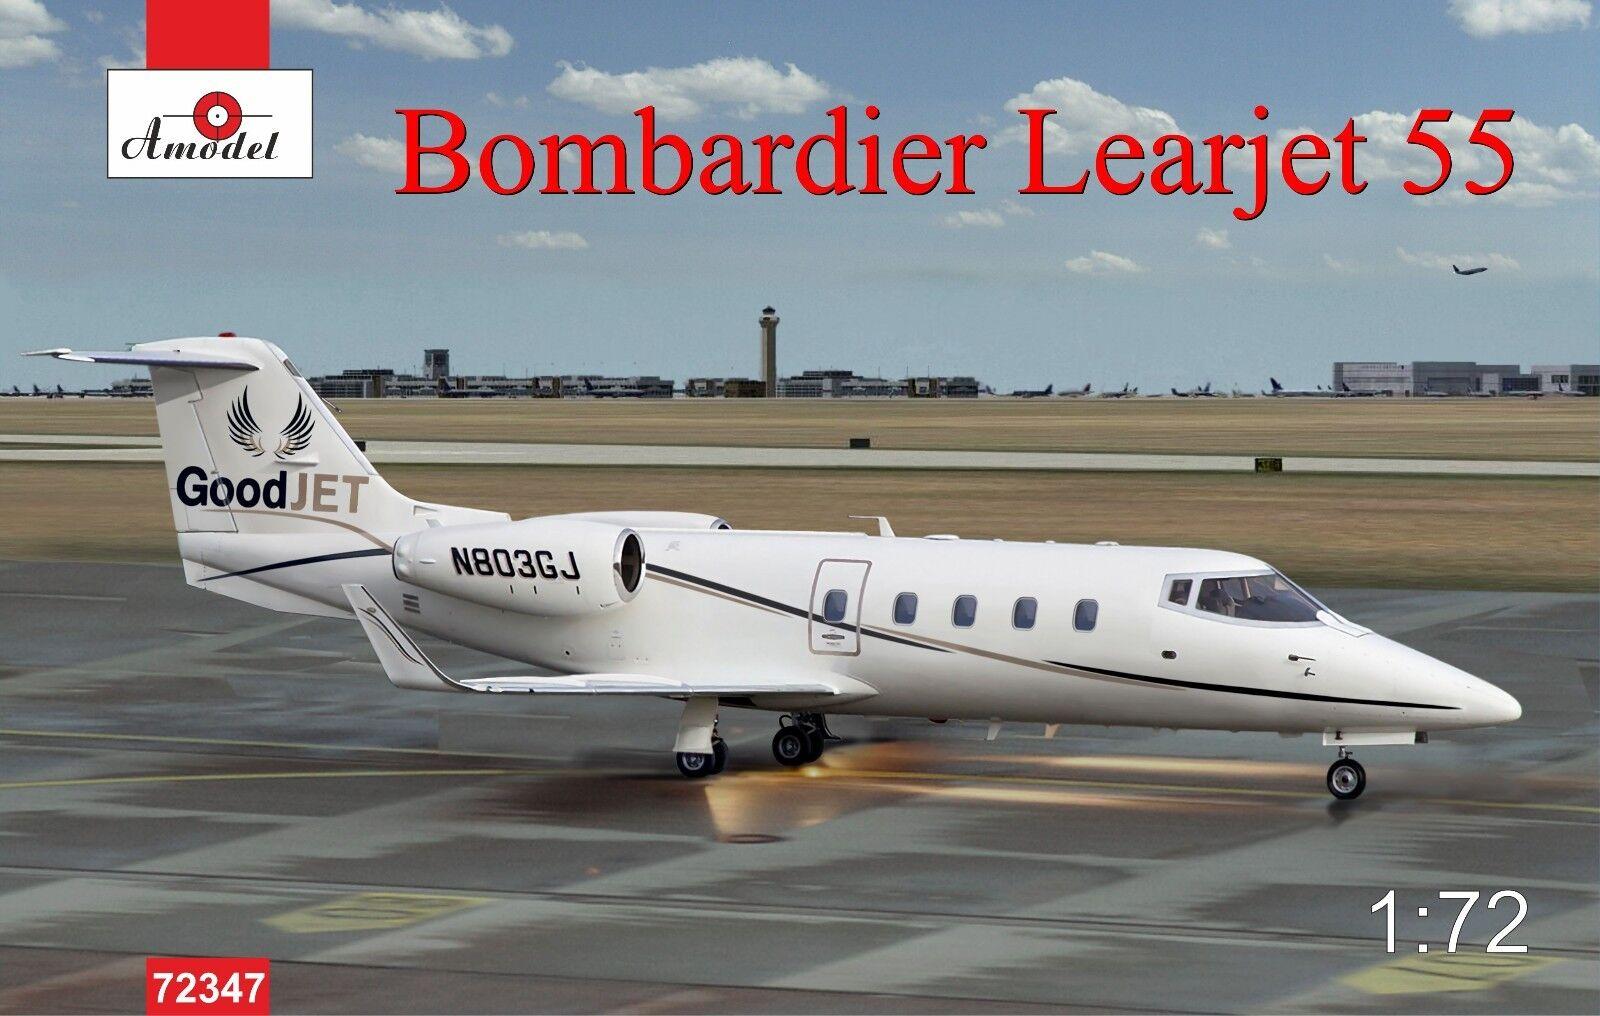 Amodel - 72347 - Bombardier Learjet 55 - 1 72